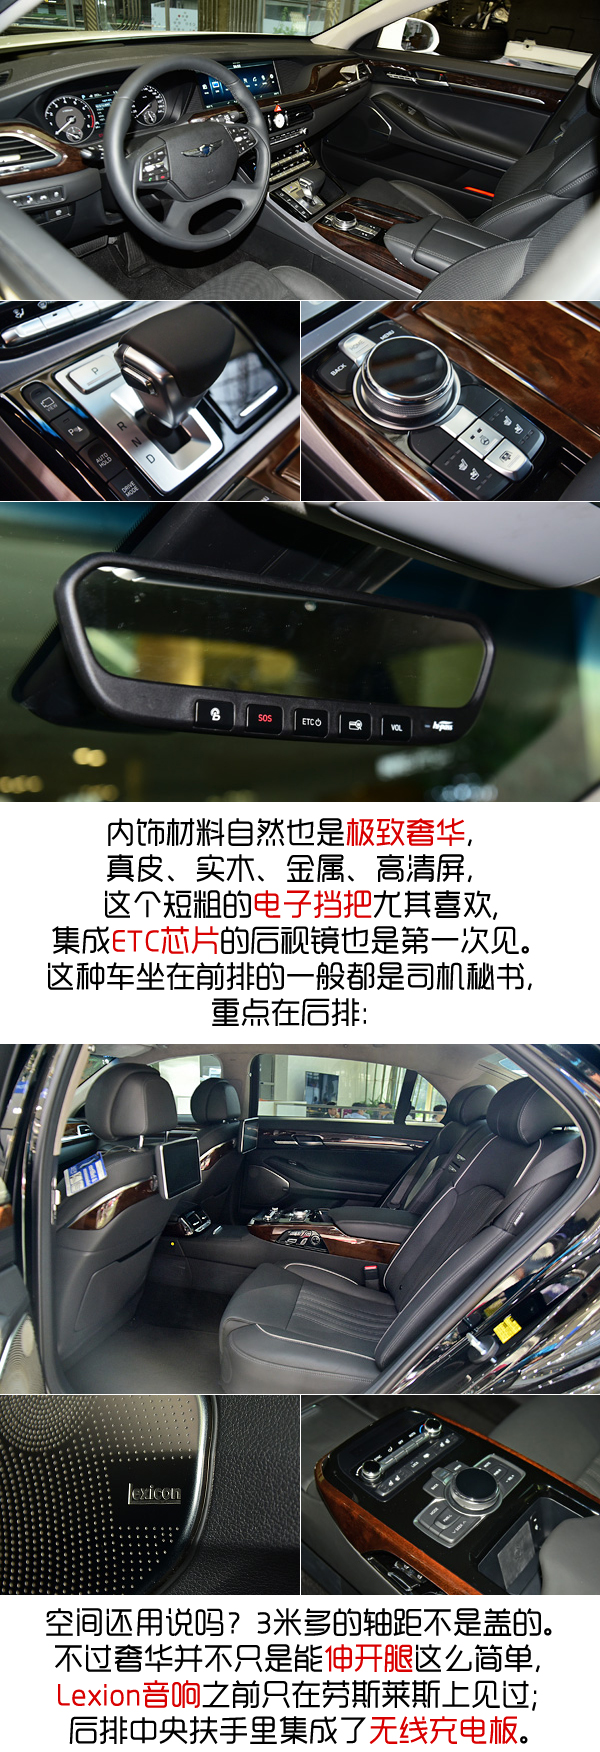 车市奇葩说:韩国总统换了辆NB的新车?-图2